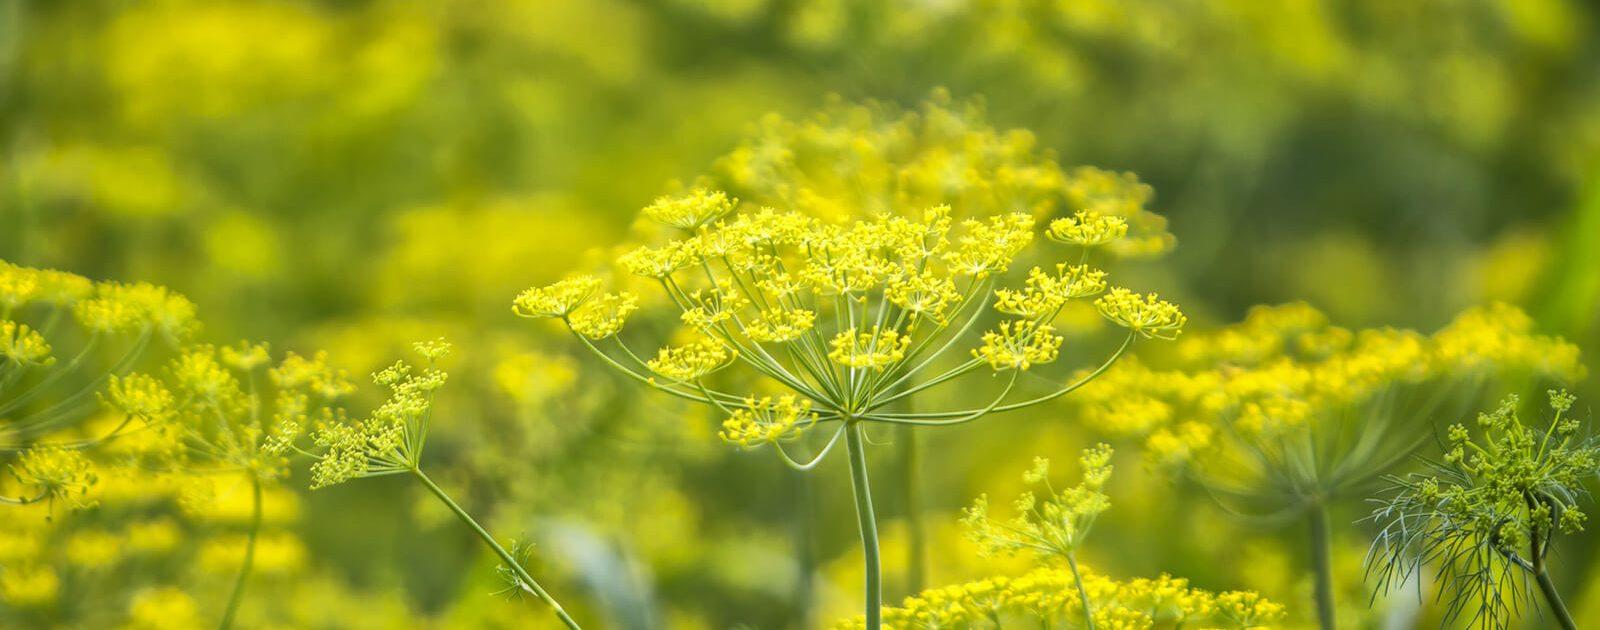 Fotoaufnahme der gelben Fenchelblüten: Sie wirken unter anderem gegen Blähungen und Völlegefühl.